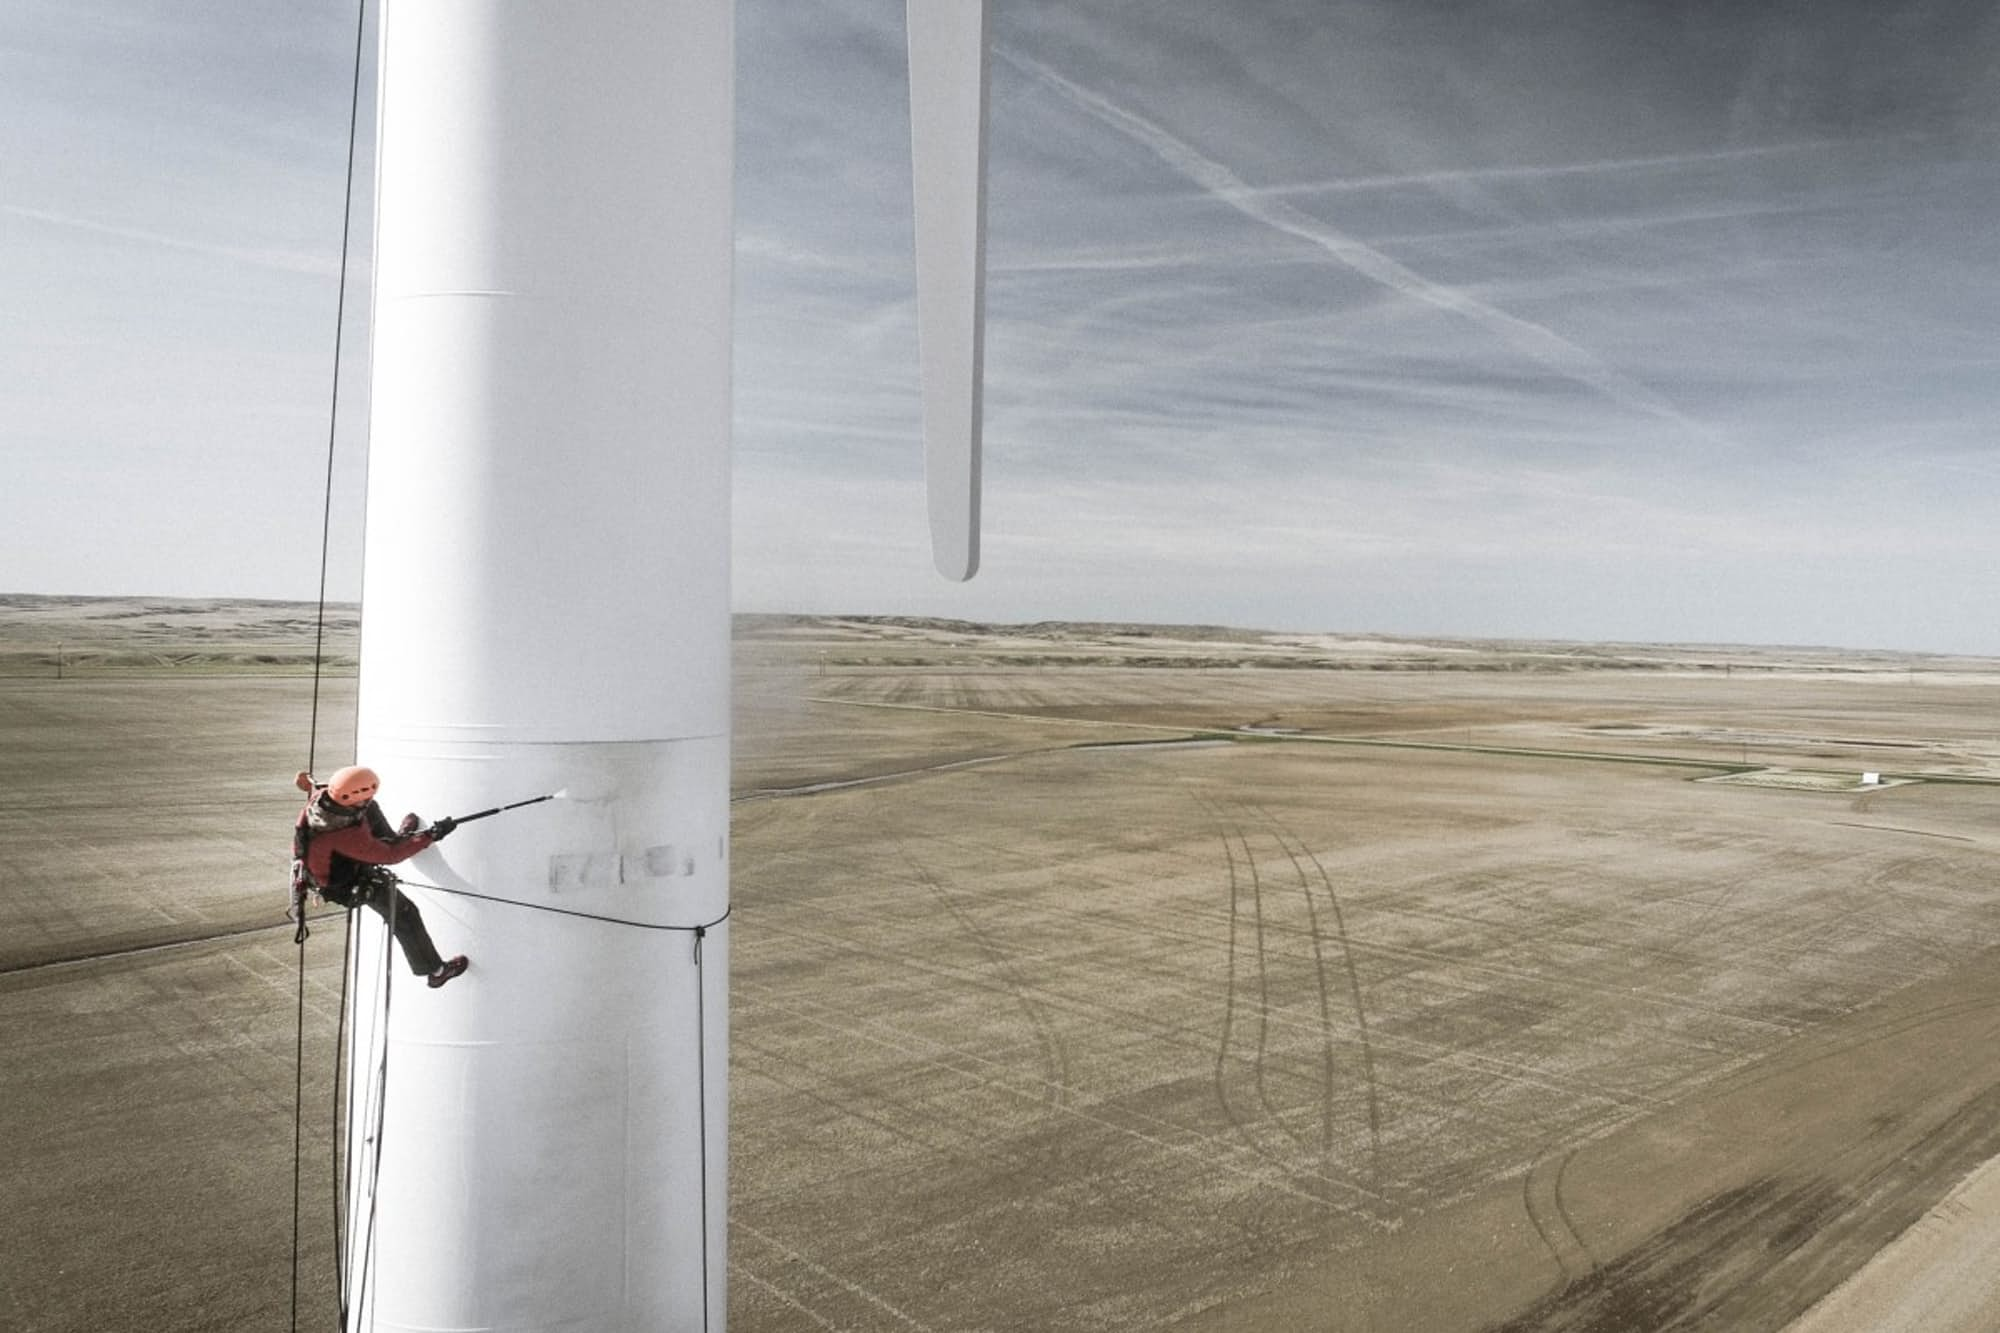 Ảnh chụp một công nhân bảo dưỡng turbin gió ở Bắc Alberta, Canana. Ảnh chụp bằng DJI Phantom 3 (Ảnh: Aero Retina Optics)